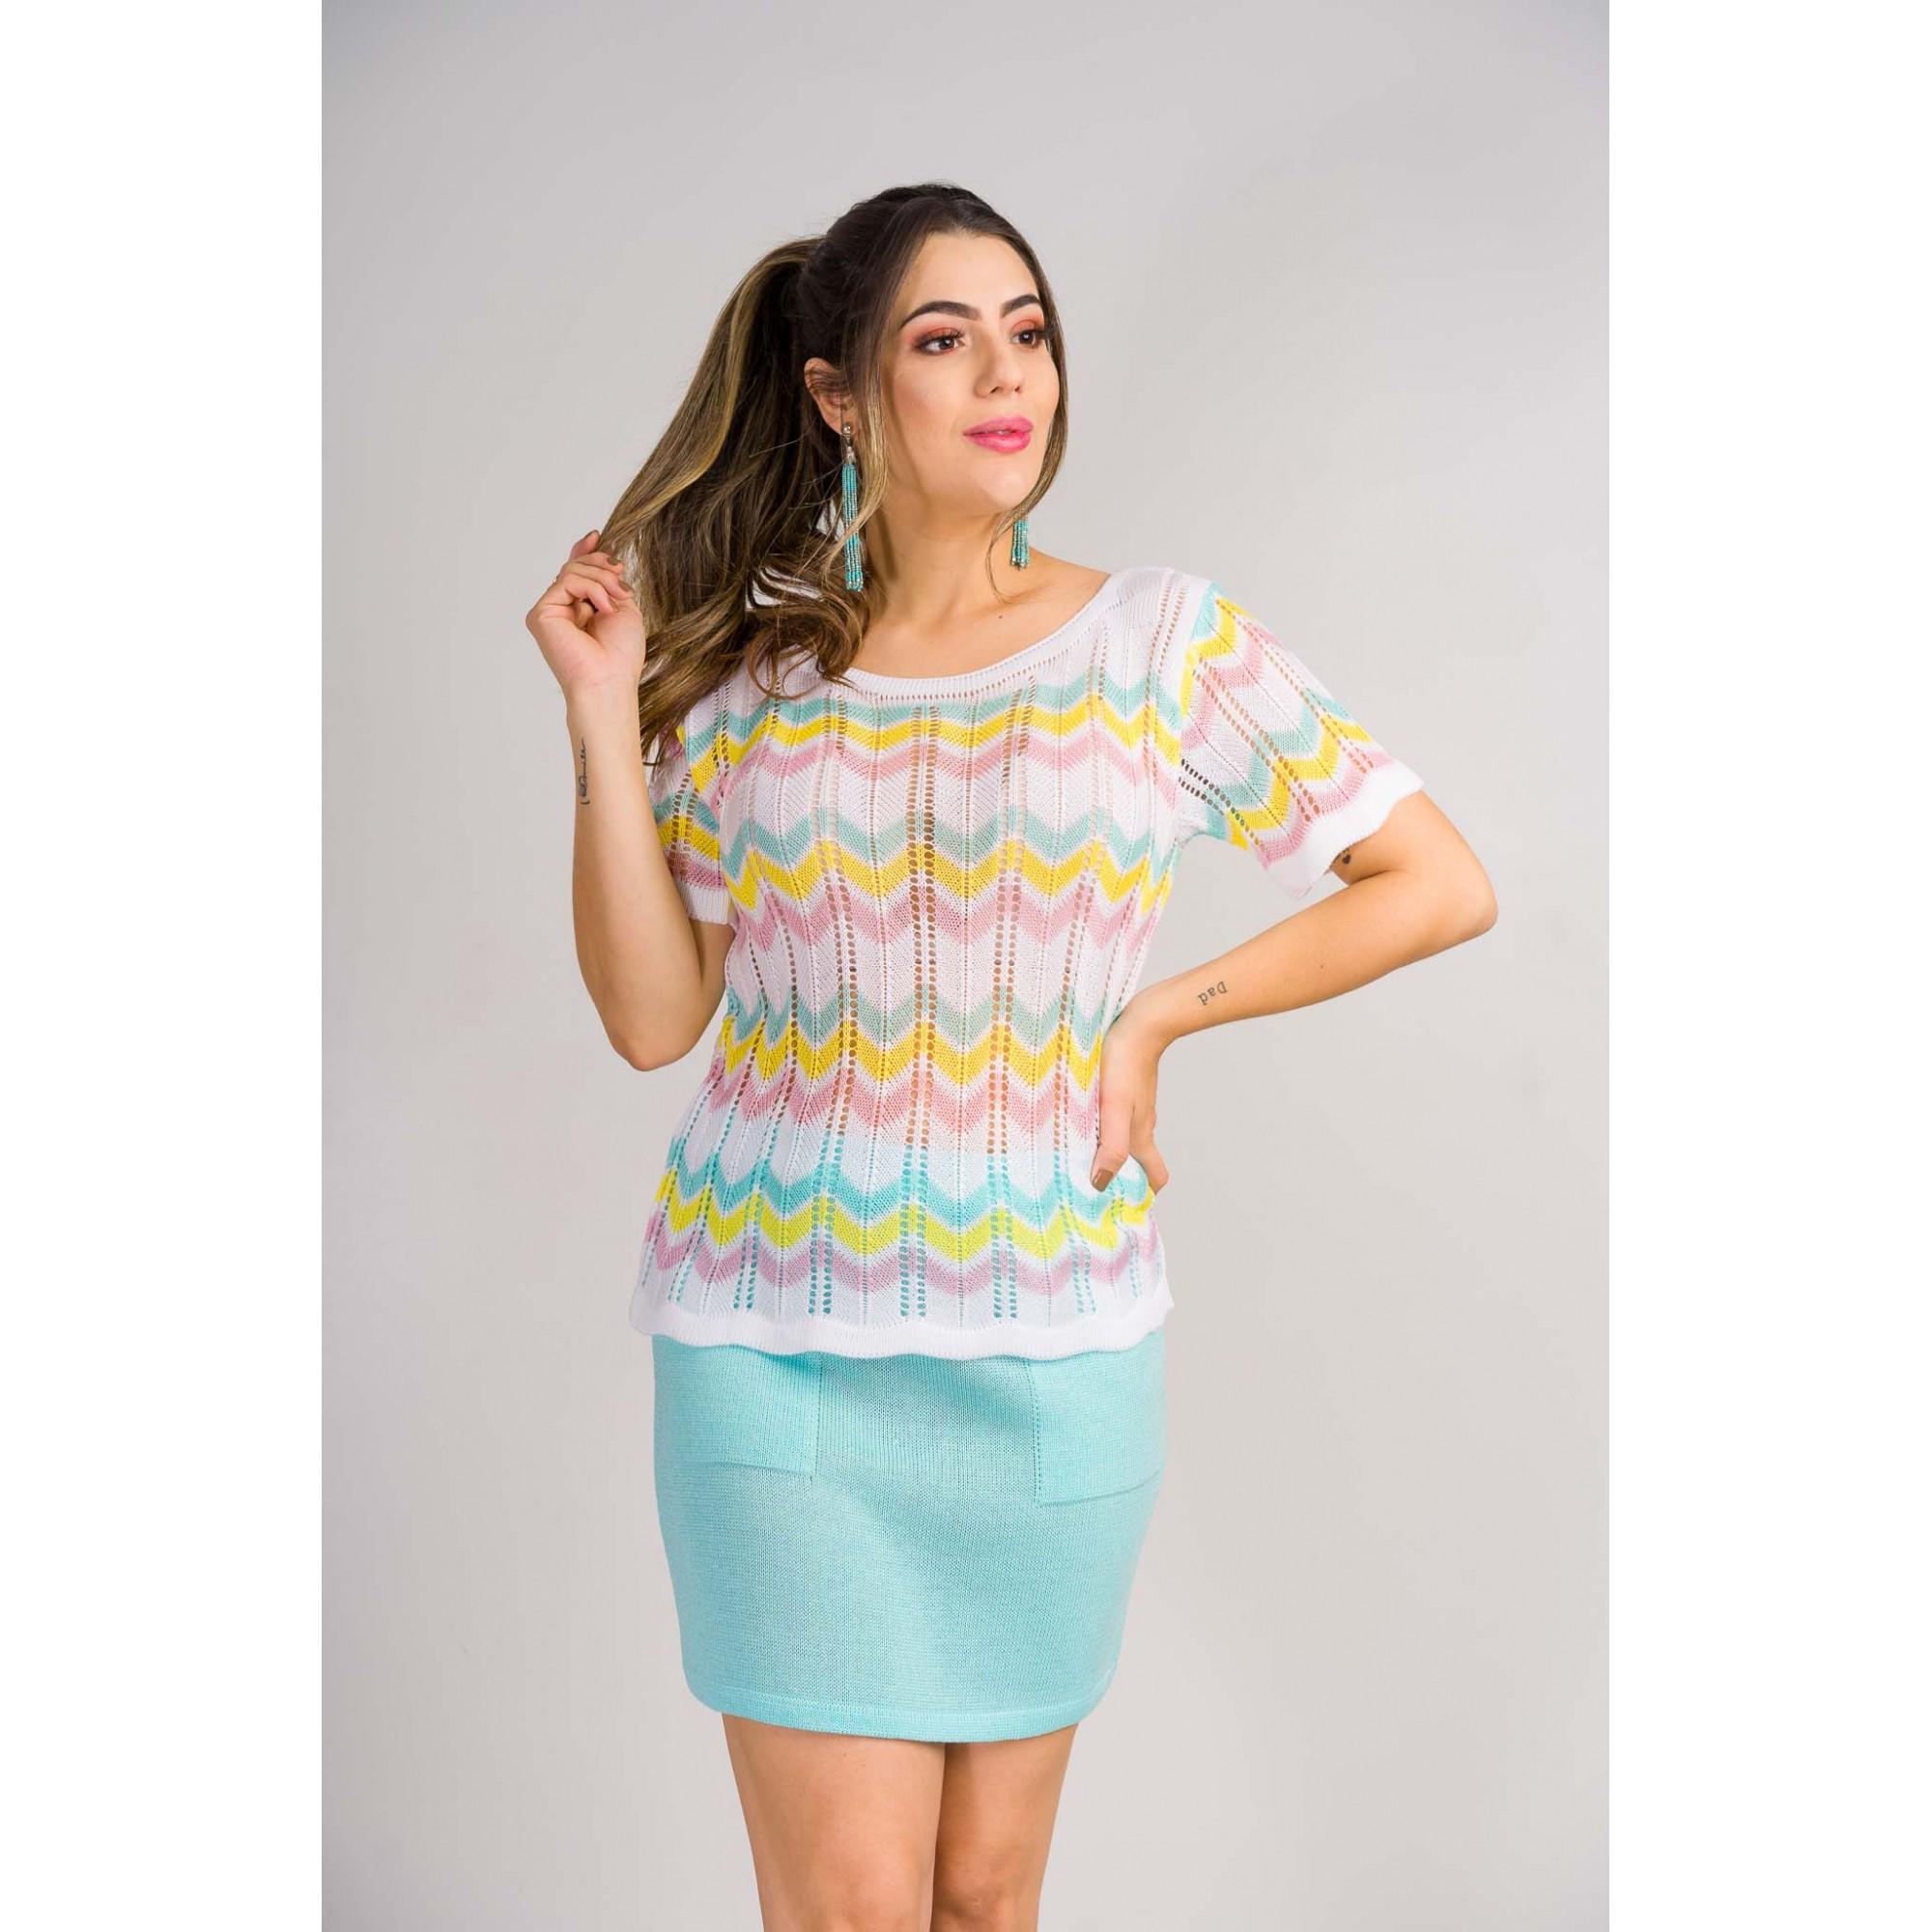 tricot de verão blusa missione moda evangelica